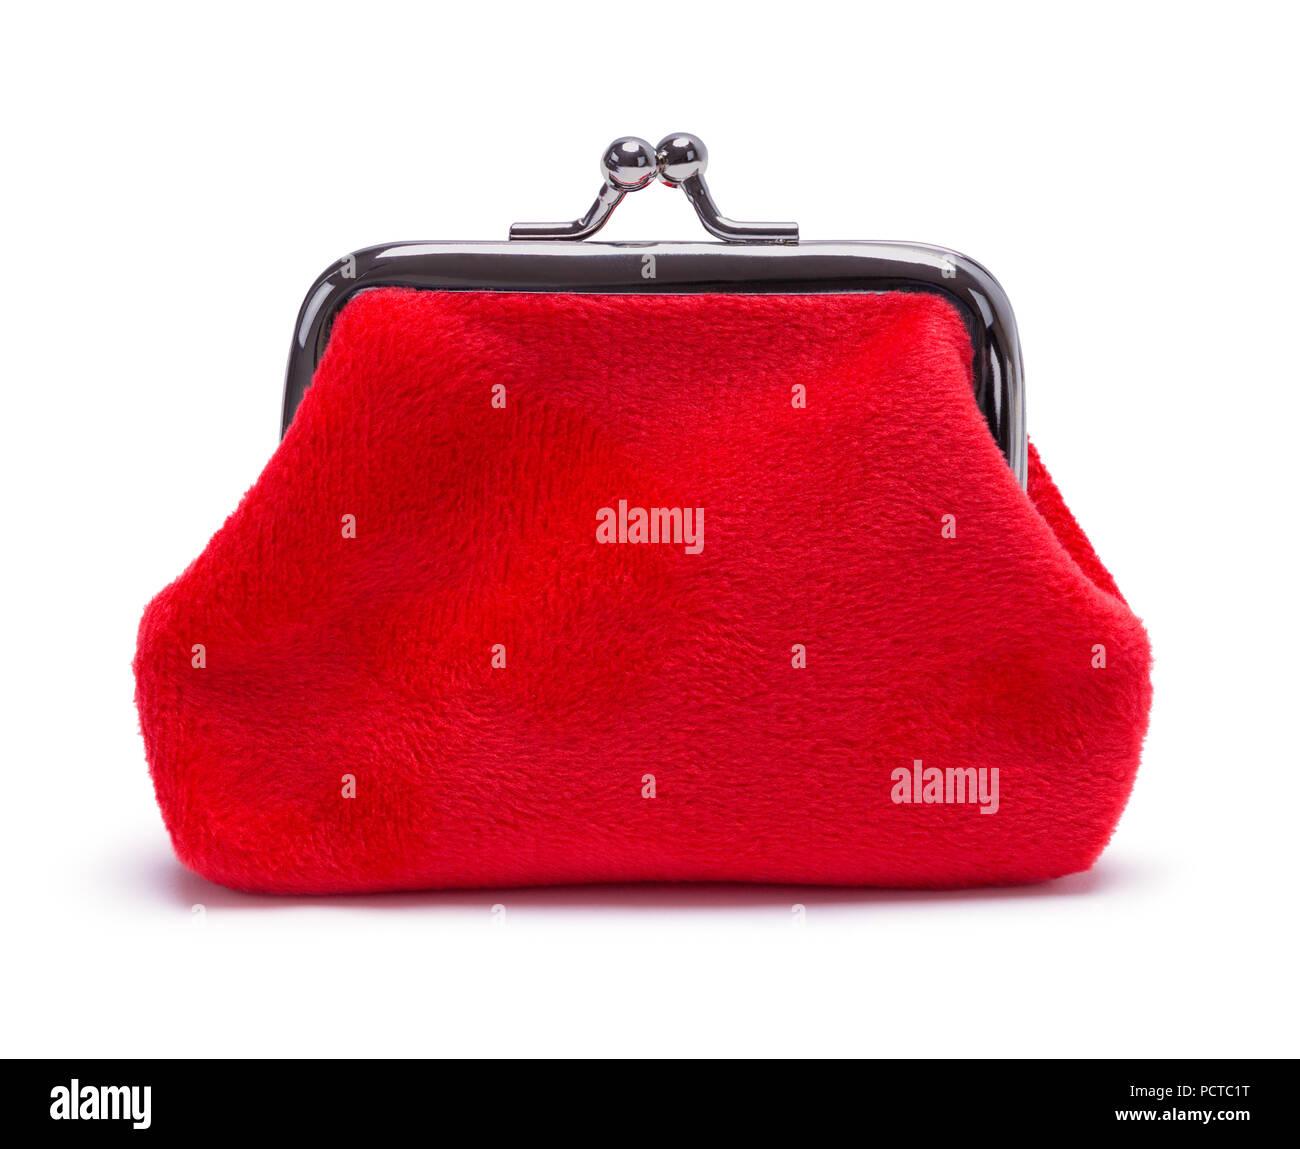 Red Velvet Geldbeutel isoliert auf weißem Hintergrund. Stockbild